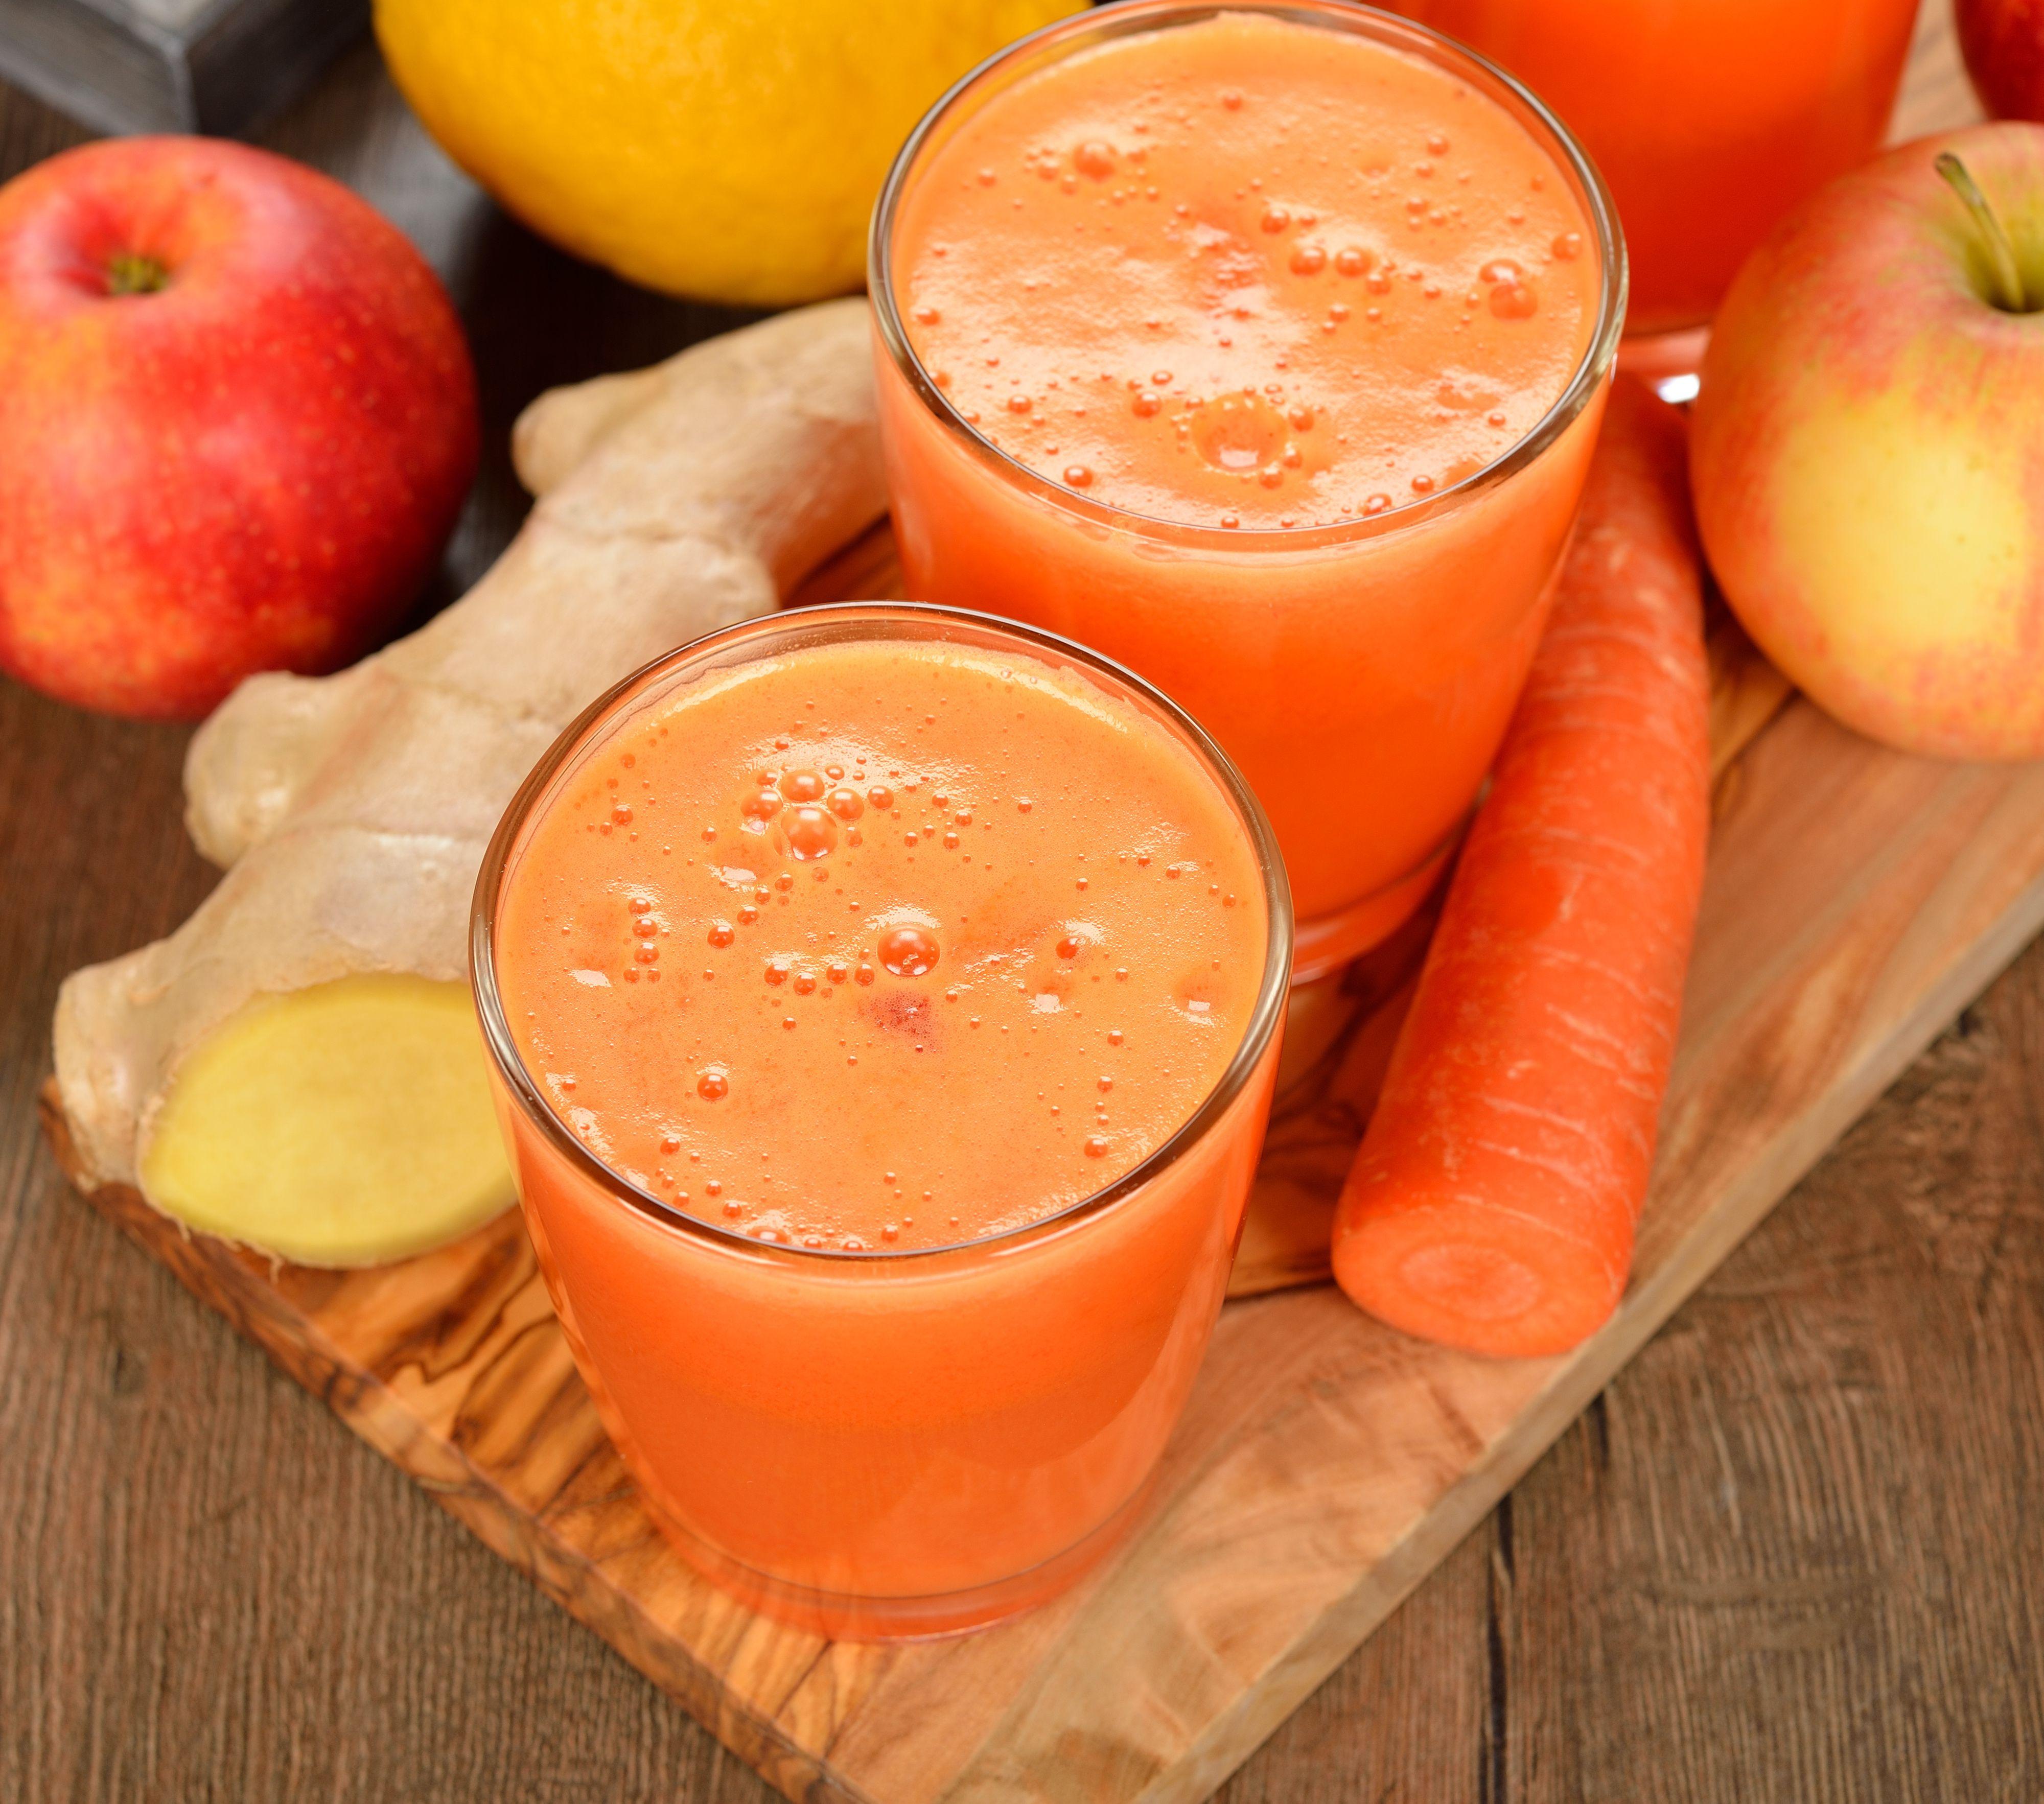 1 nap mínusz 1 kg! A legjobb zsírégető italok - Blikk Rúzs